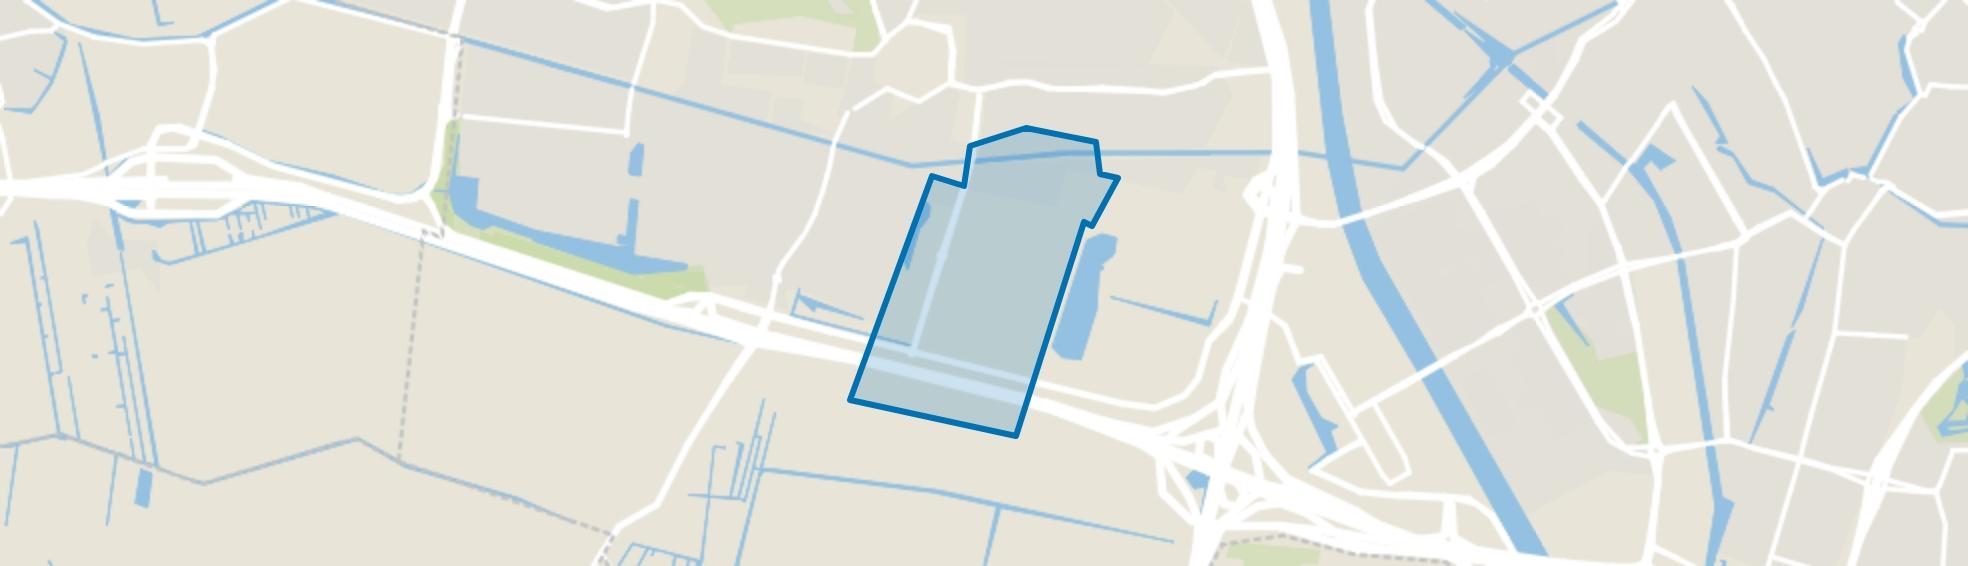 Bedrijvengebied Oudenrijn, De Meern map